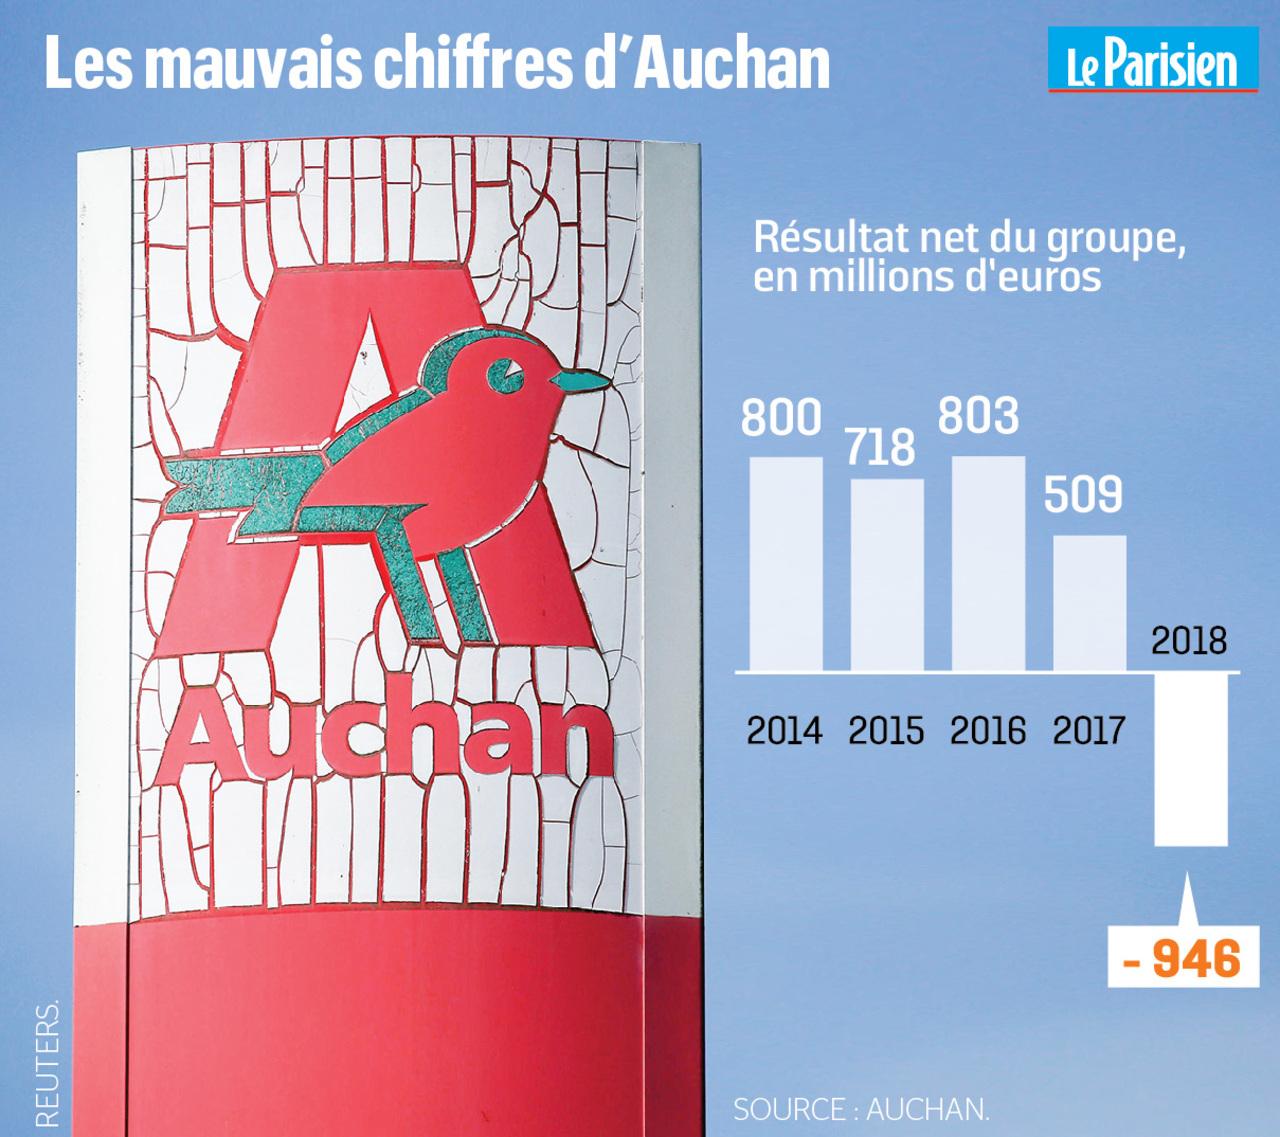 Supermarches Auchan Mis En Vente Premier Coup De Grisou Pour Les Salaries Le Parisien